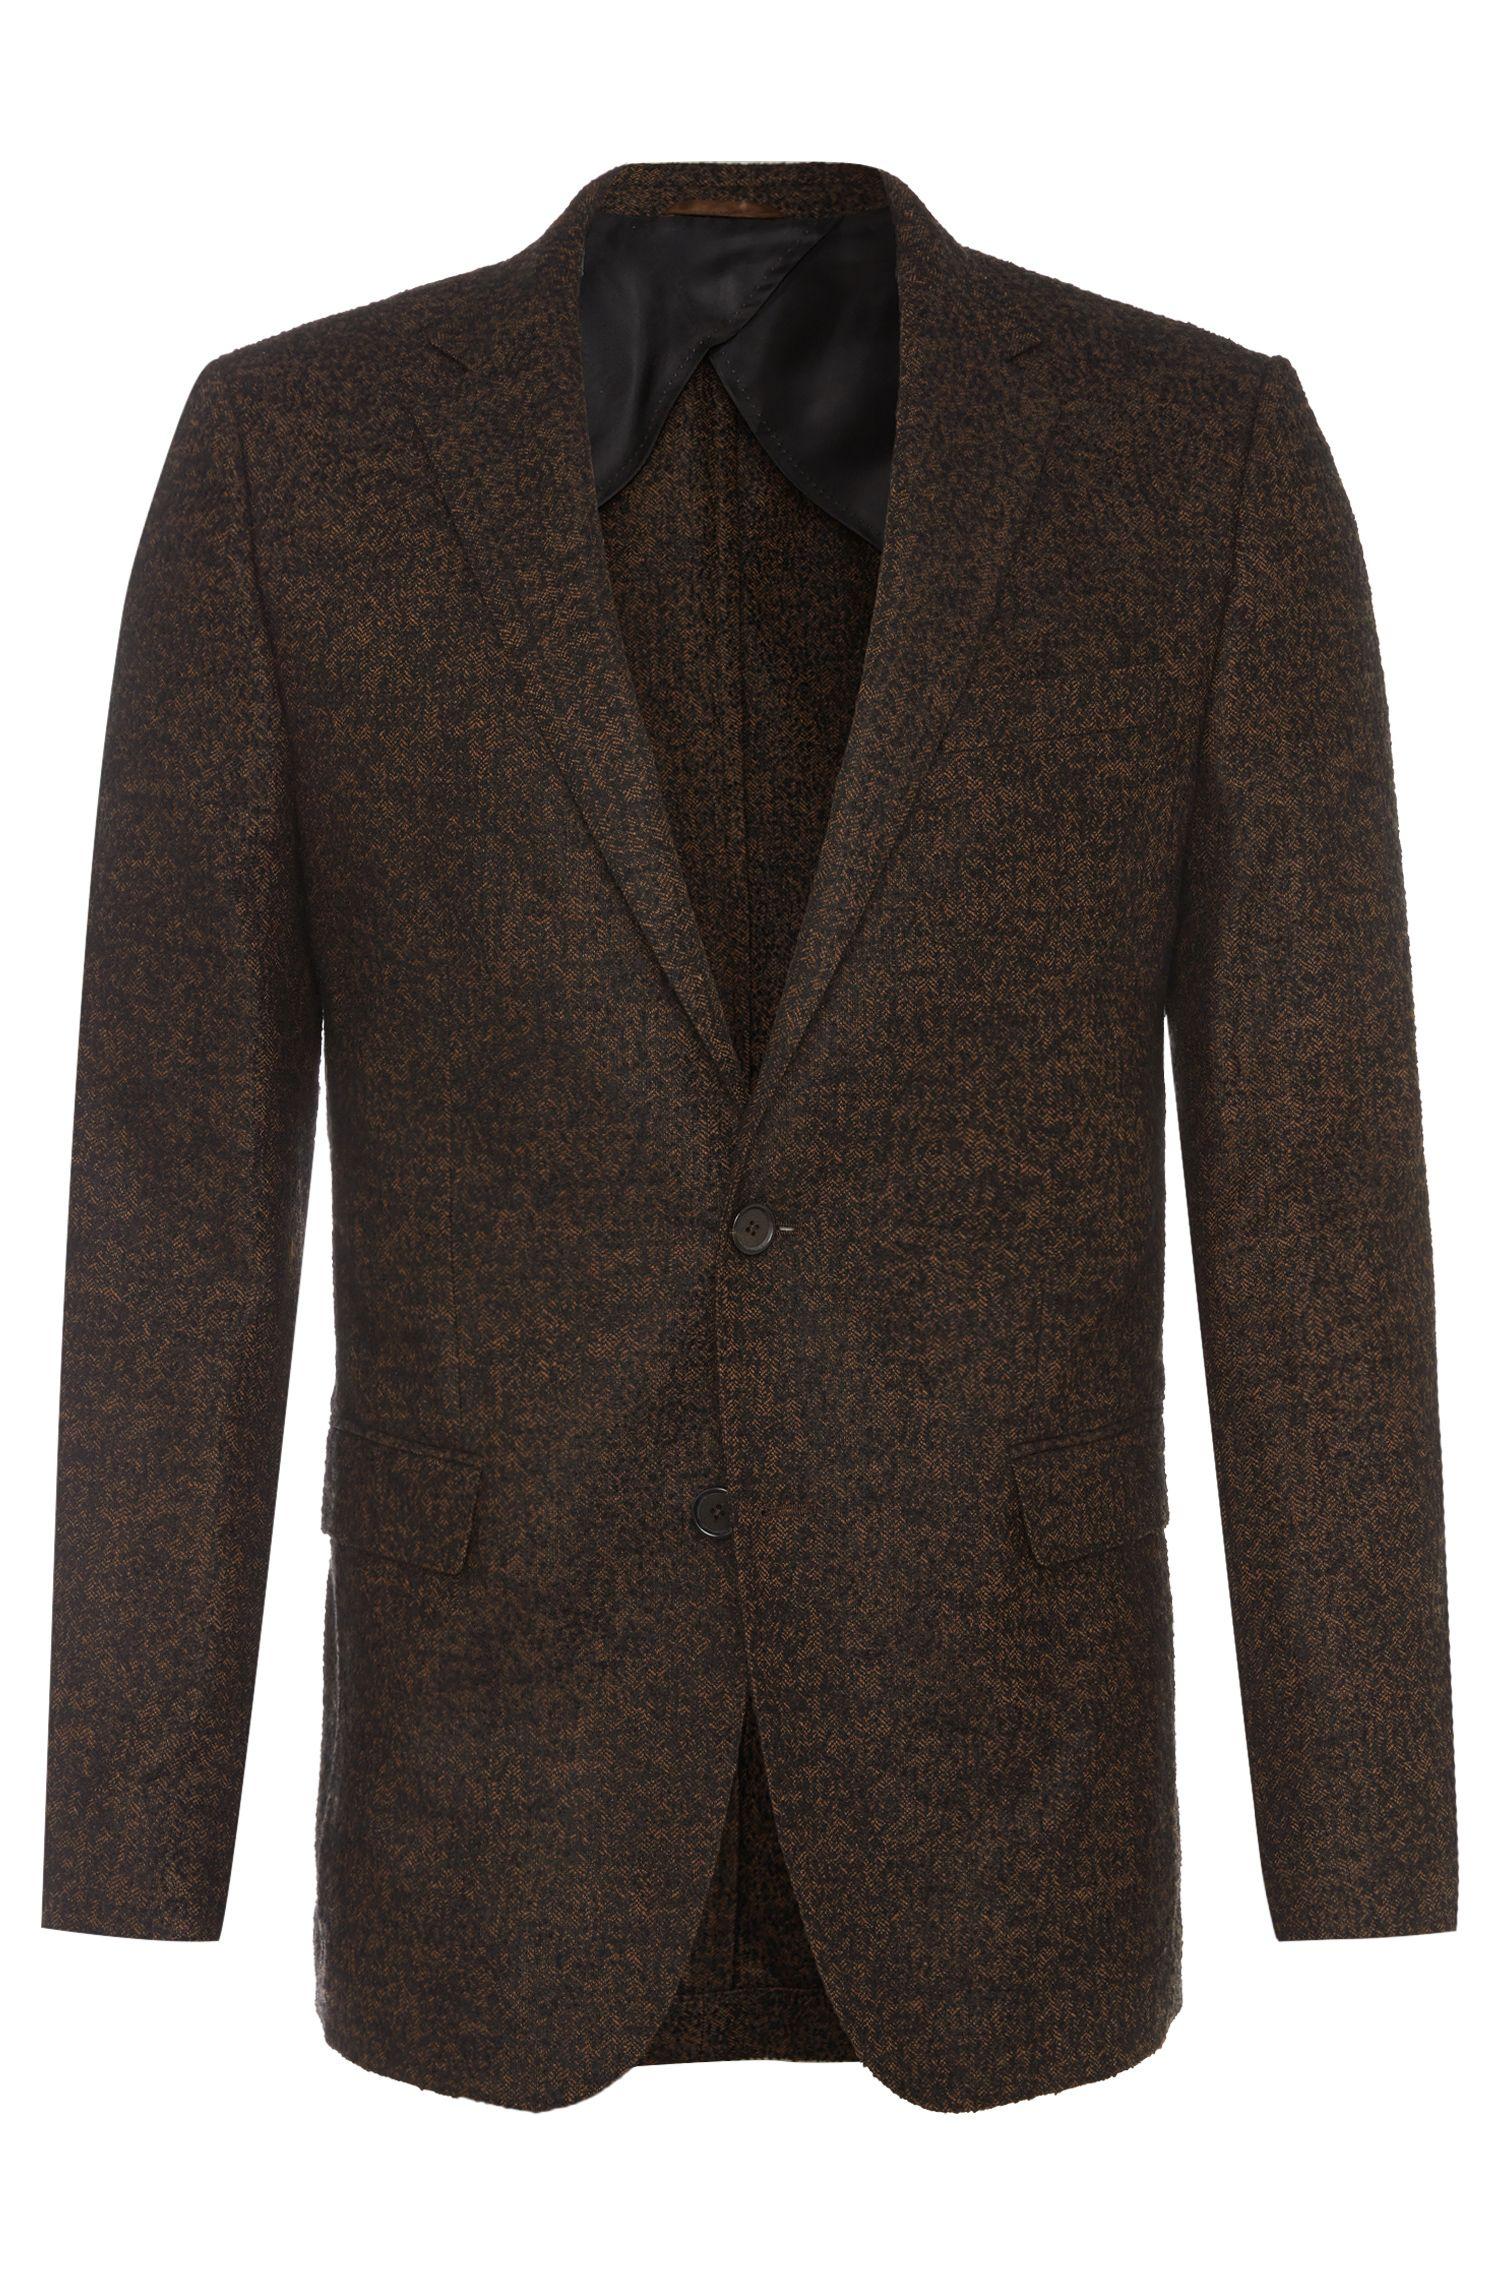 'Nobis' | Slim Fit, Wool Blend Herringbone Slub Sport Coat